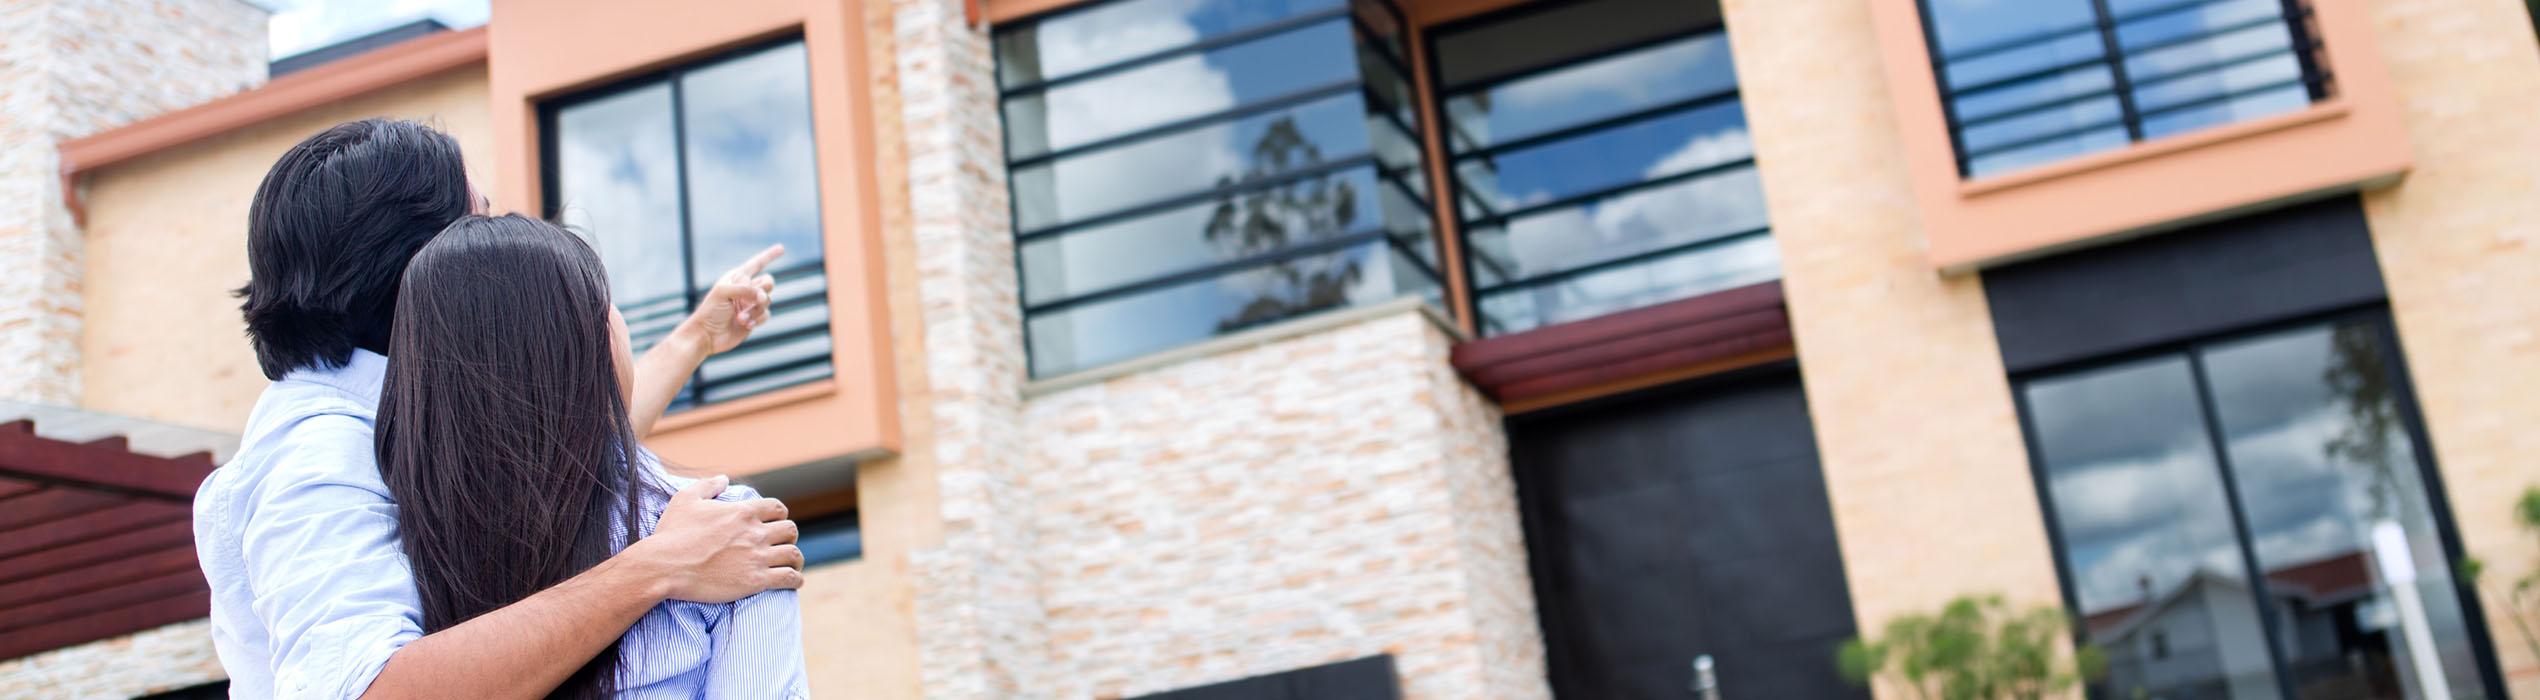 Acquisto prima casa ecco i vantaggi fiscali 2016 for Acquisto prima casa agevolazioni